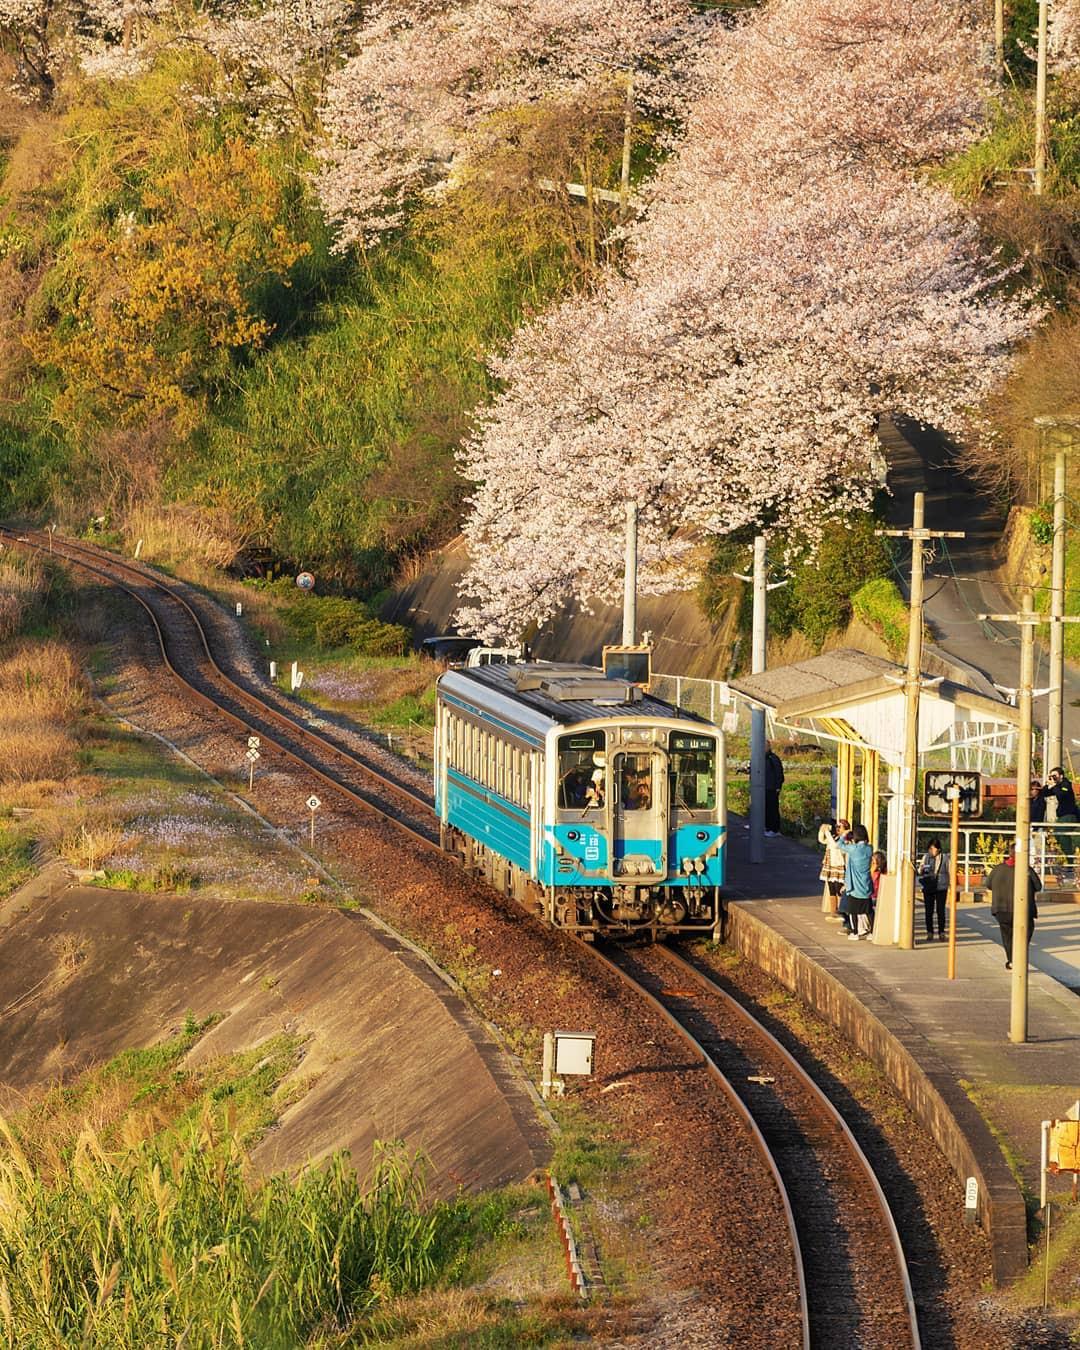 Nhà ga cô độc ở Nhật Bản có gì mà khiến cho ai đến đây rồi cũng muốn trở lại đi thêm nhiều lần nữa? - Ảnh 7.